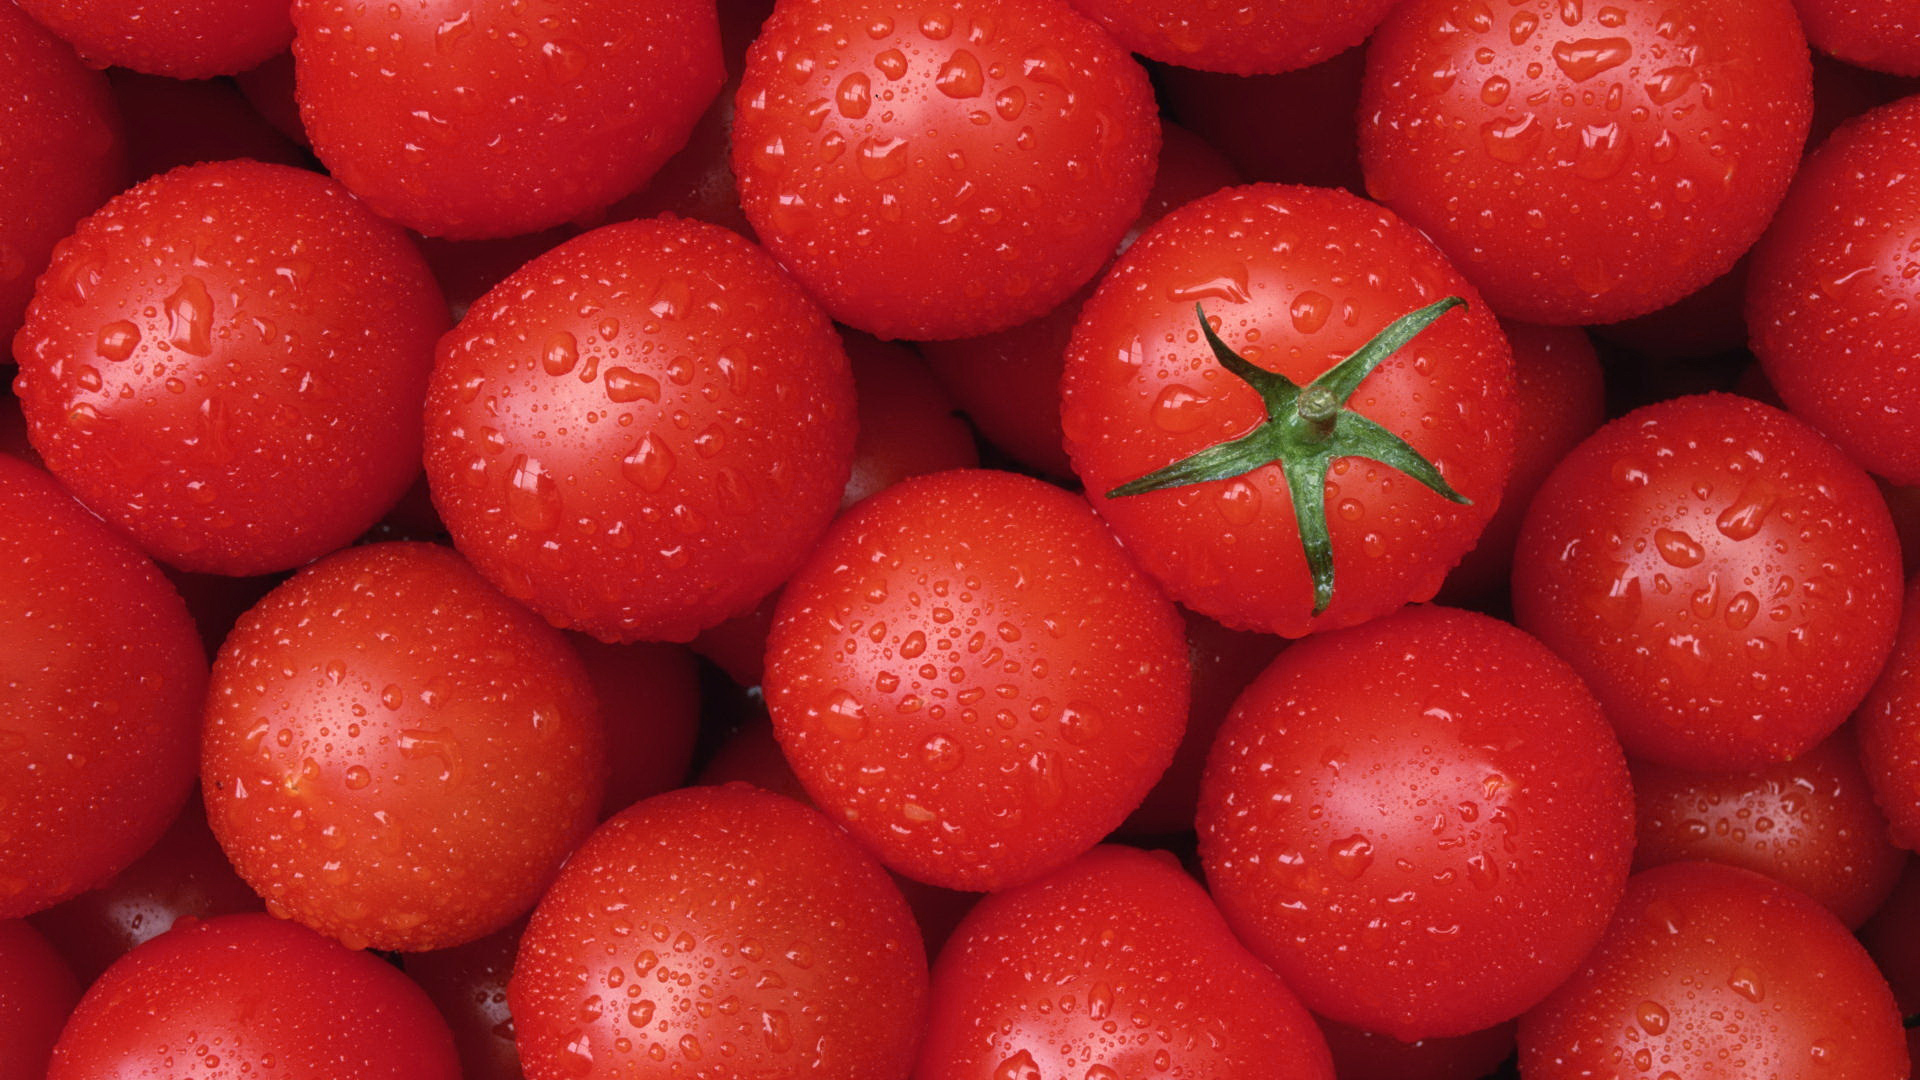 информационная картинки помидоров растение для рабочего стола того